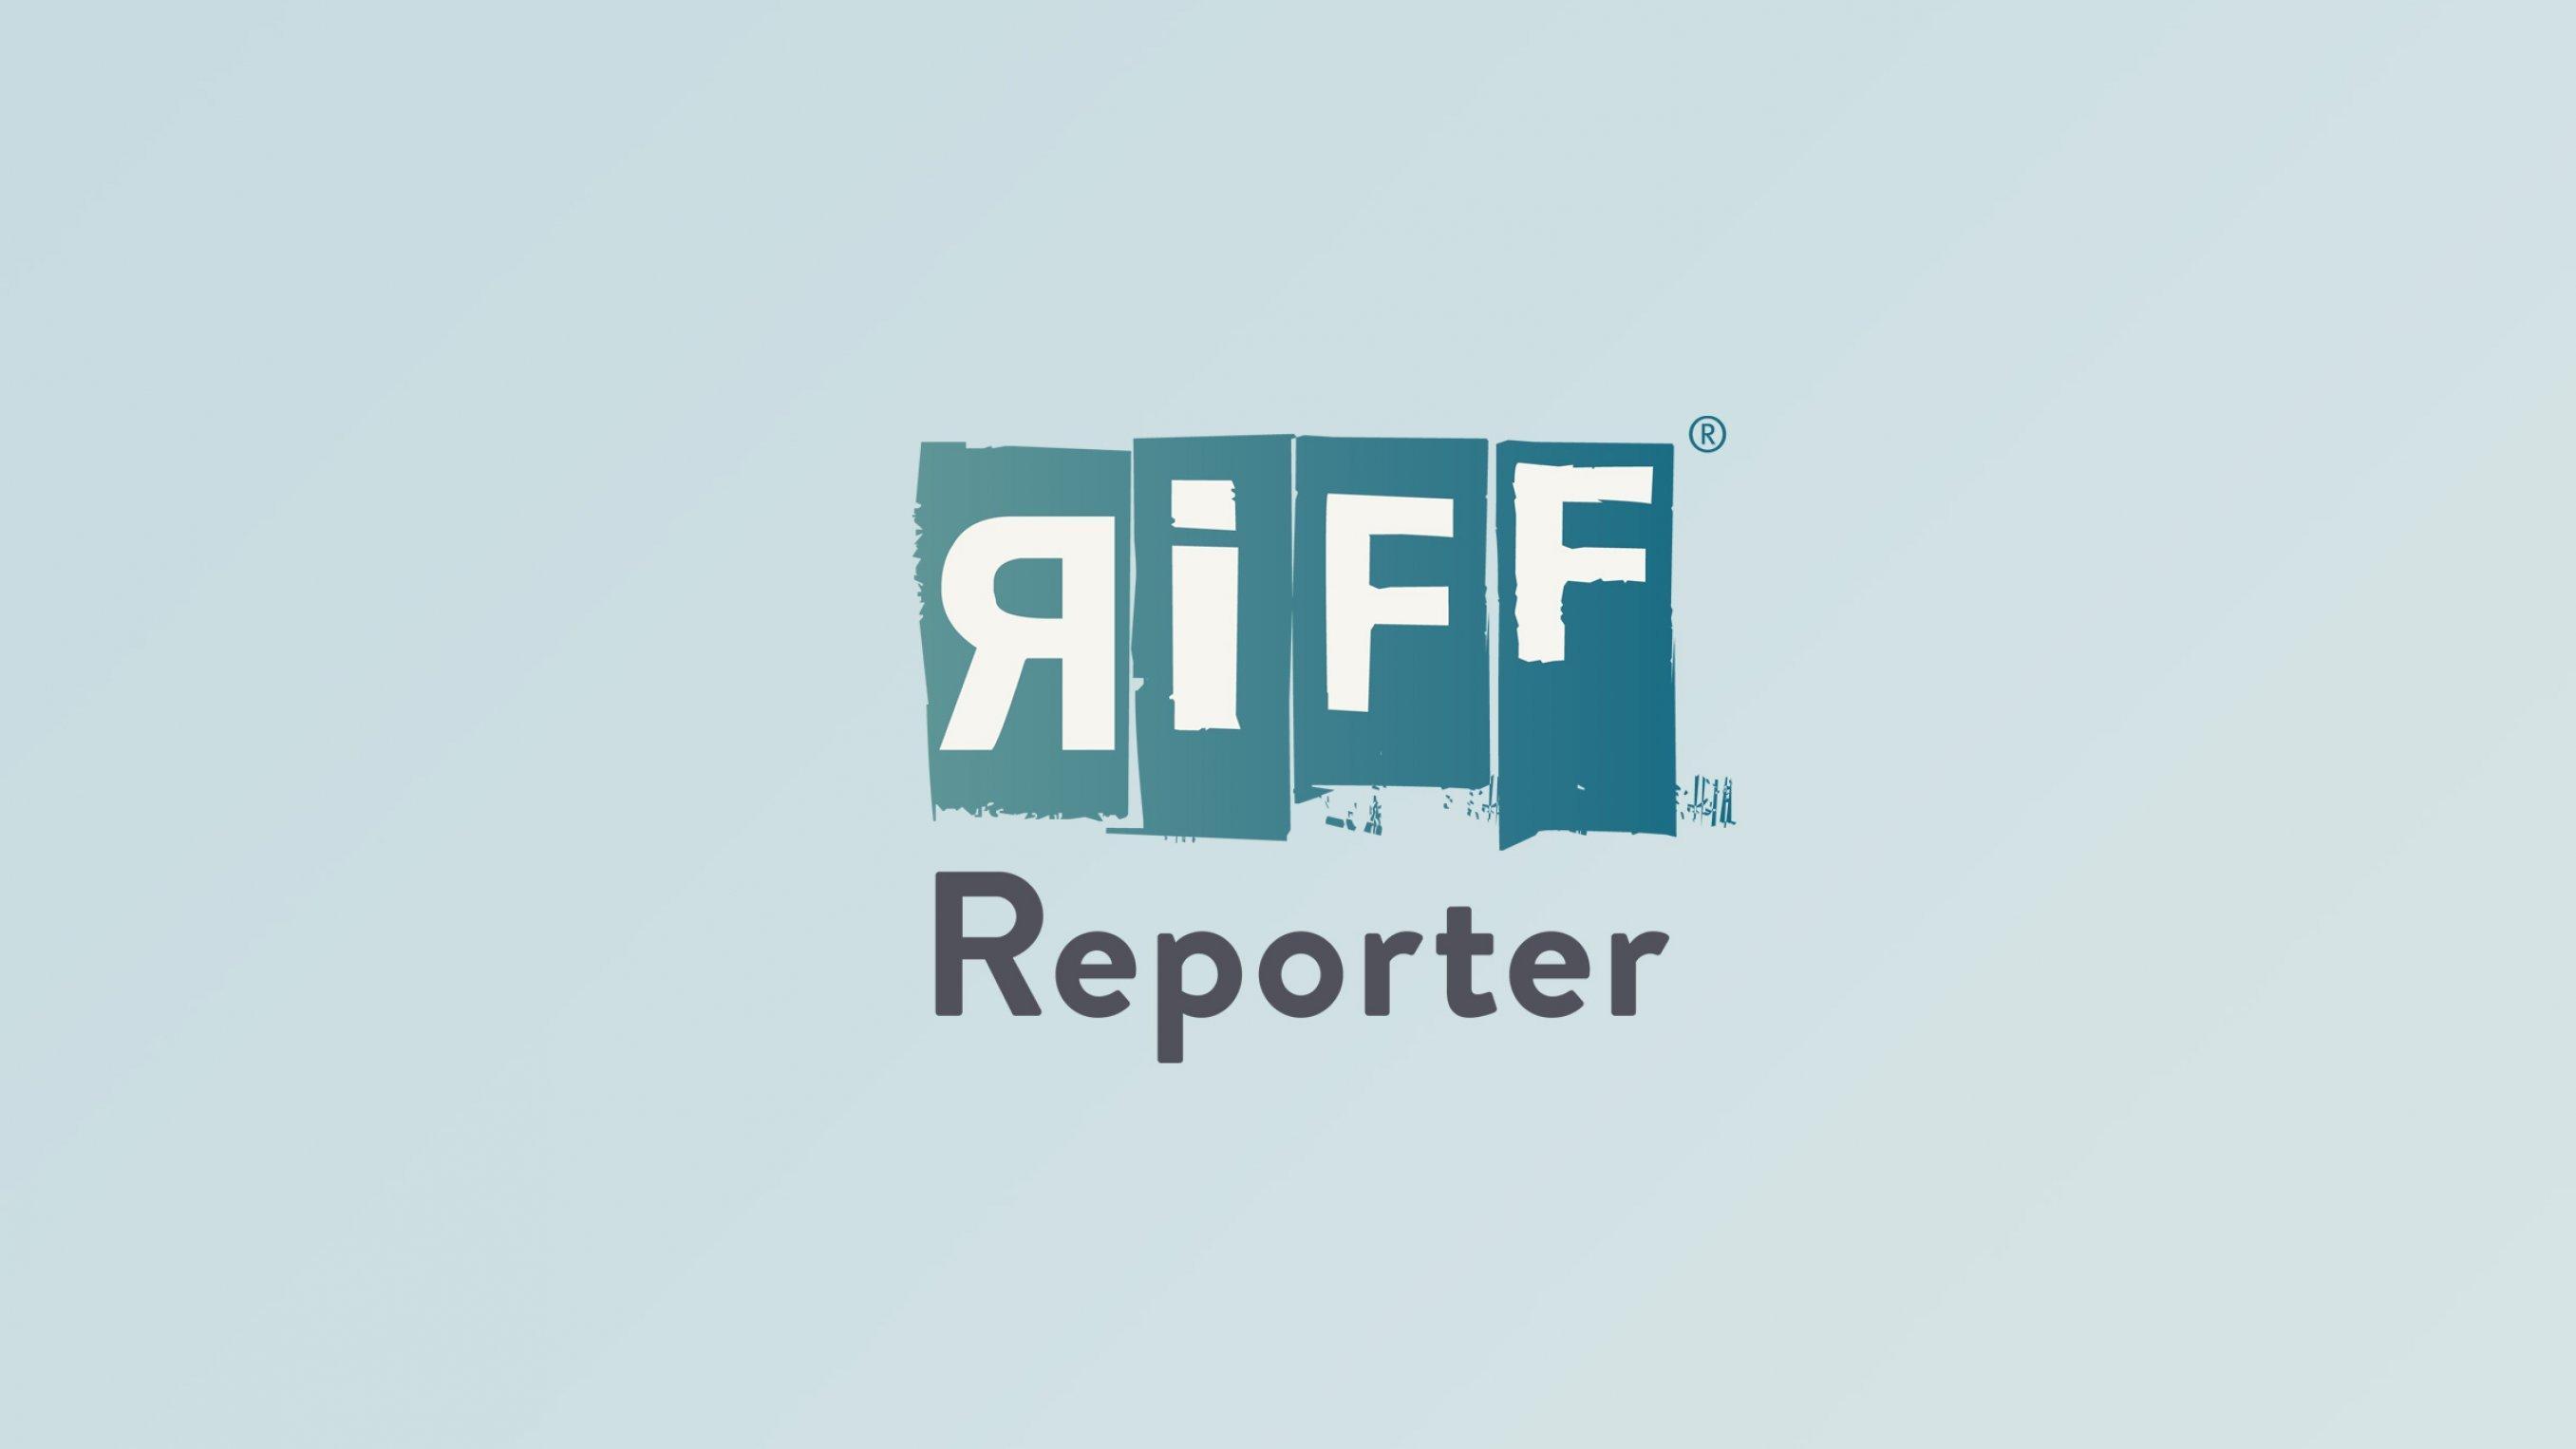 Hans-J. Lietzmann Blickt lachend in die Kamera. Er ist Lehrstuhlinhaber für Politikwissenschaft an der Bergischen Universität Wuppertal und Direktor des dortigen Instituts für Demokratie- und Partizipationsforschung